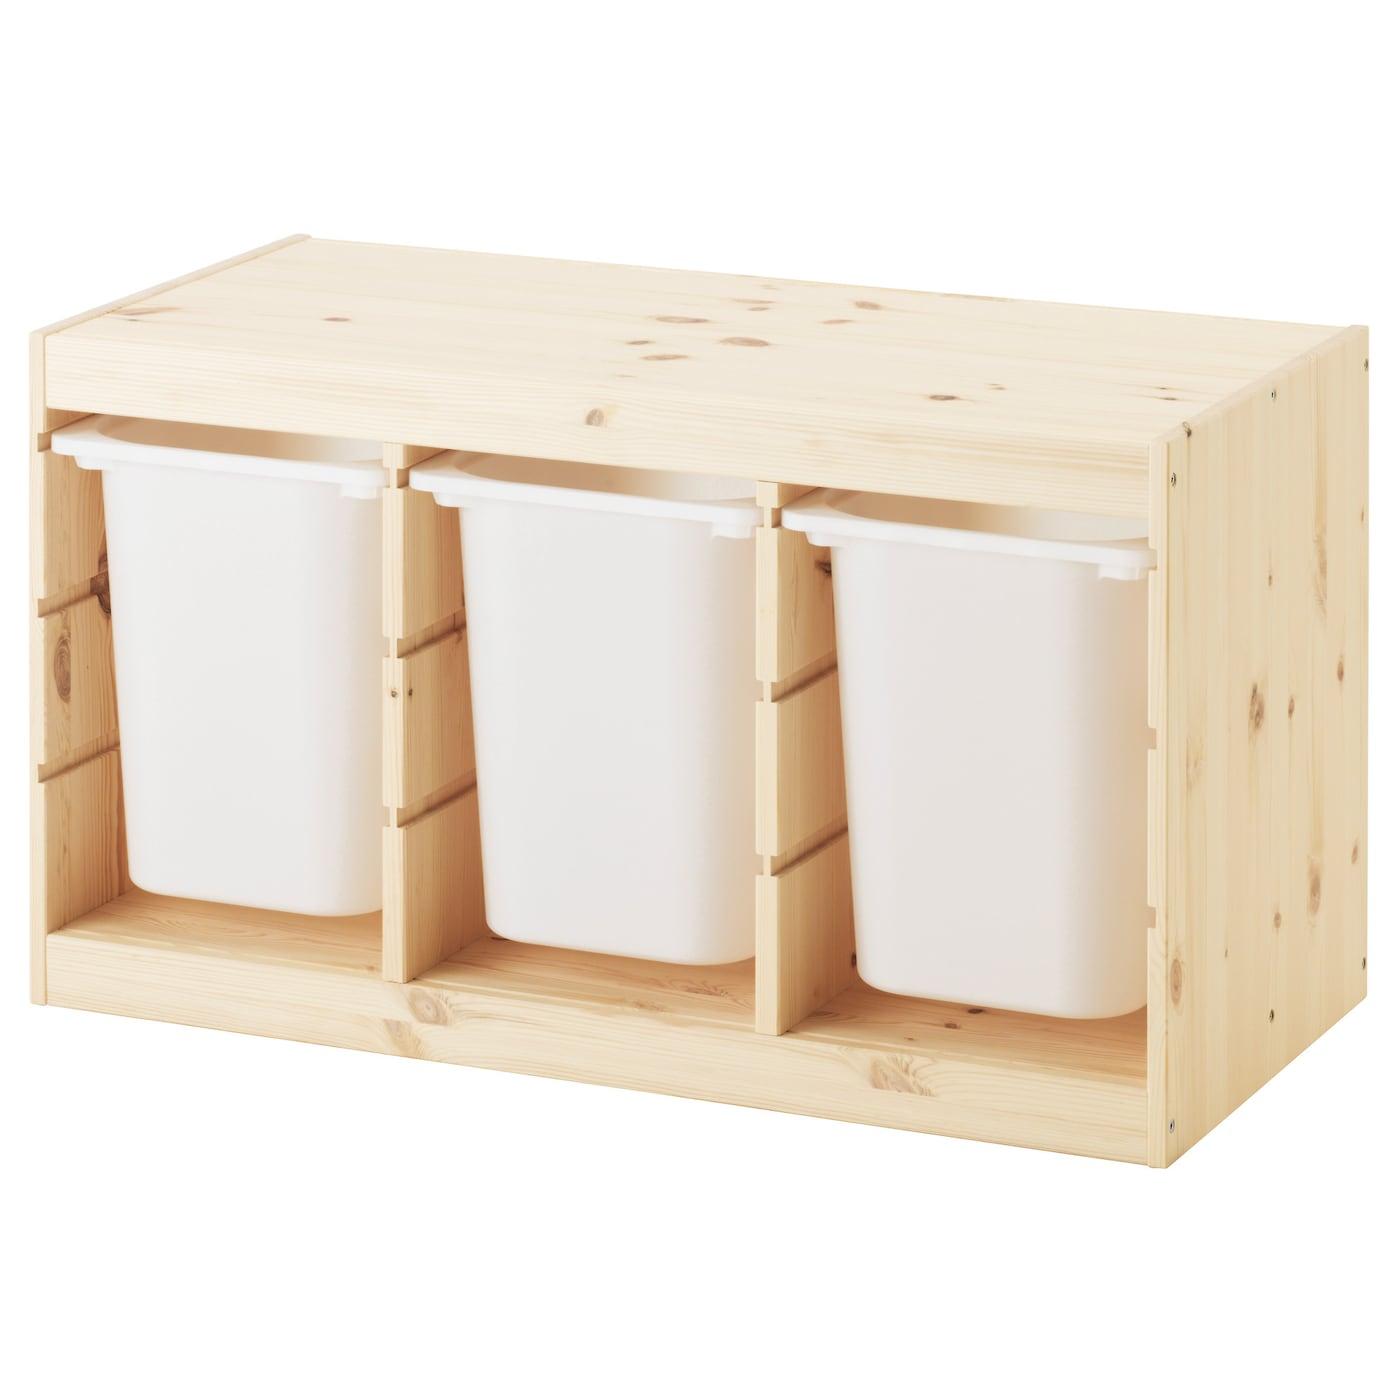 Boites De Rangement Ikea tout trofast combi rangement+boîtes pin teinté blanc clair/blanc